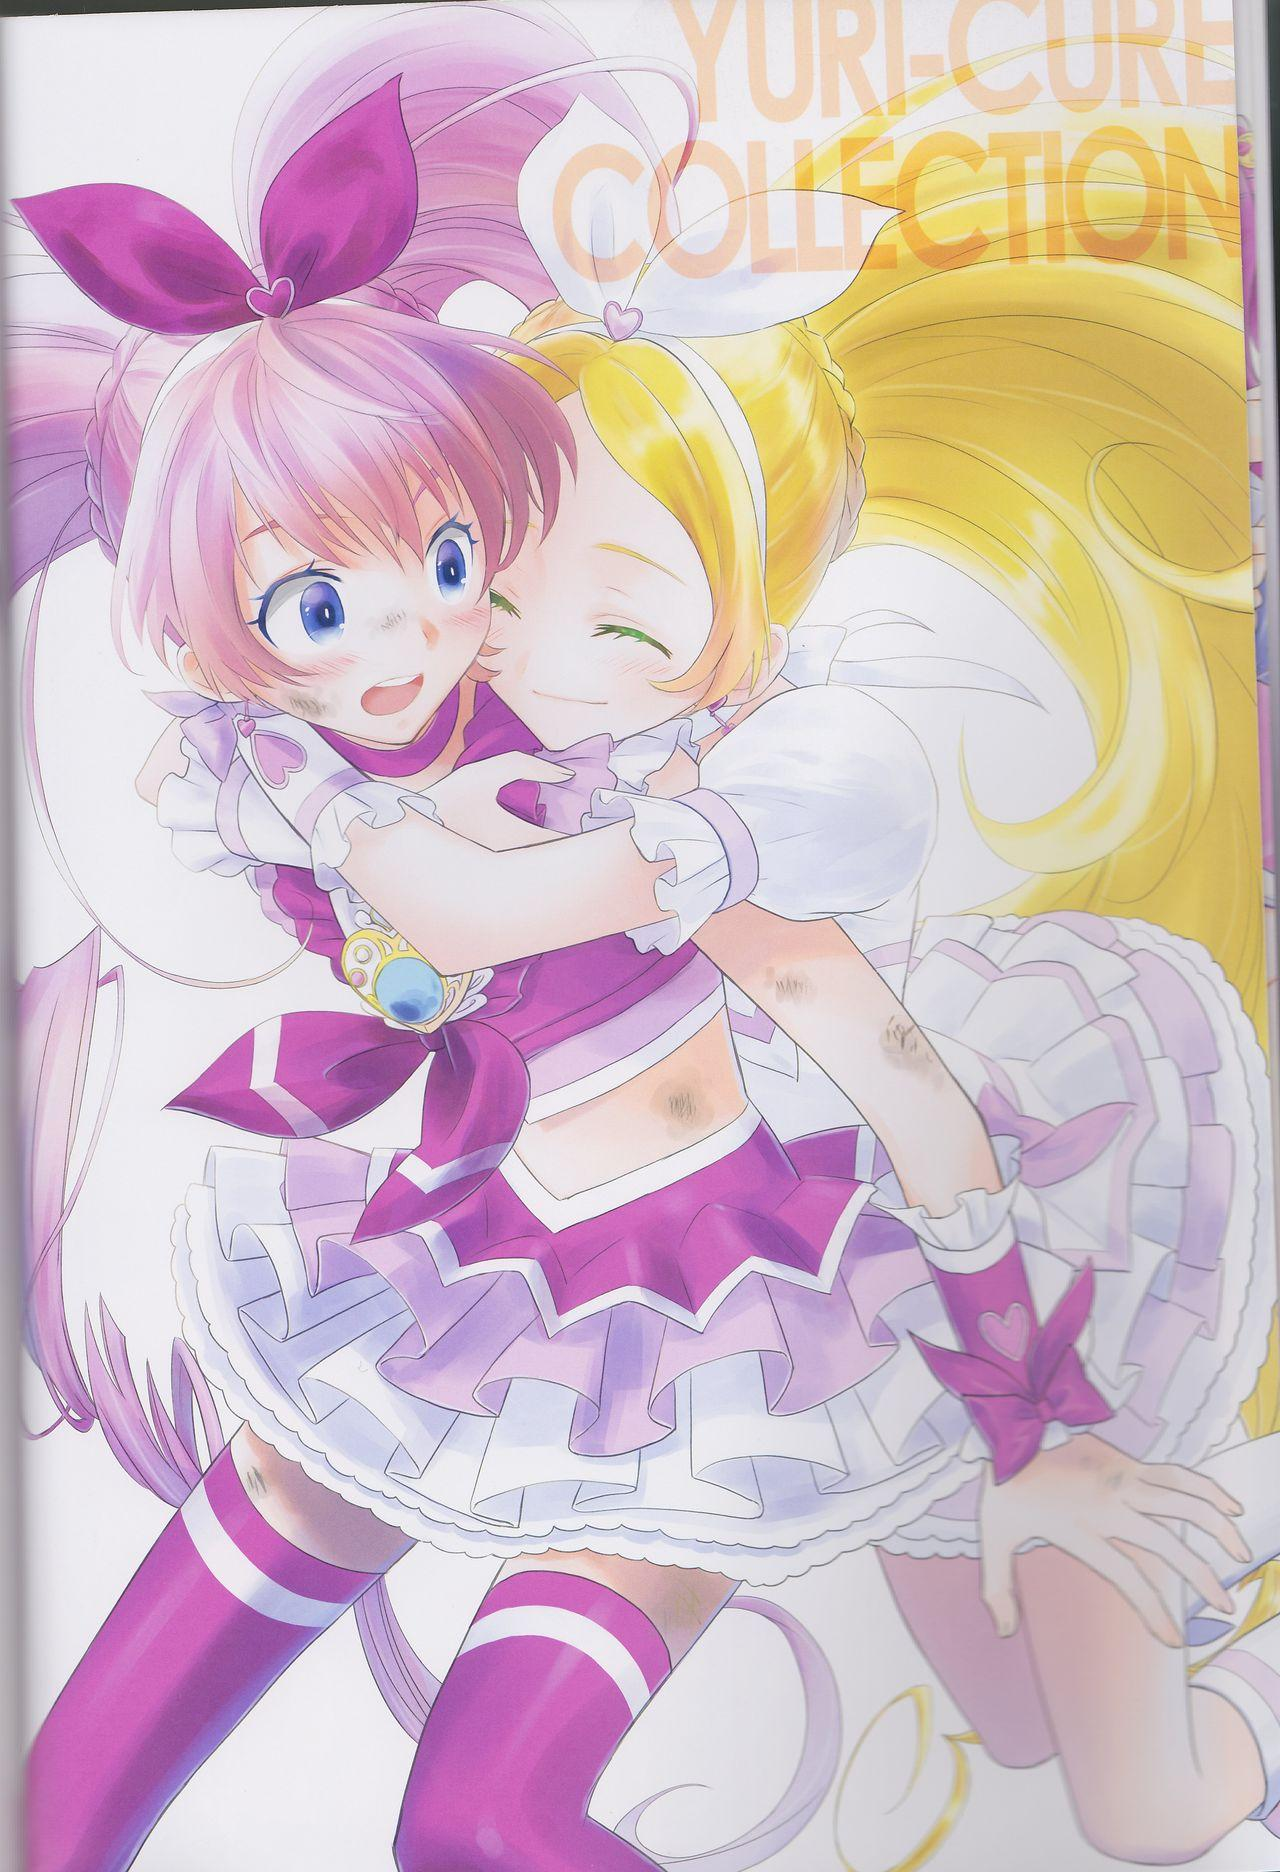 Yuri Cure Collection Soushuuhen 3